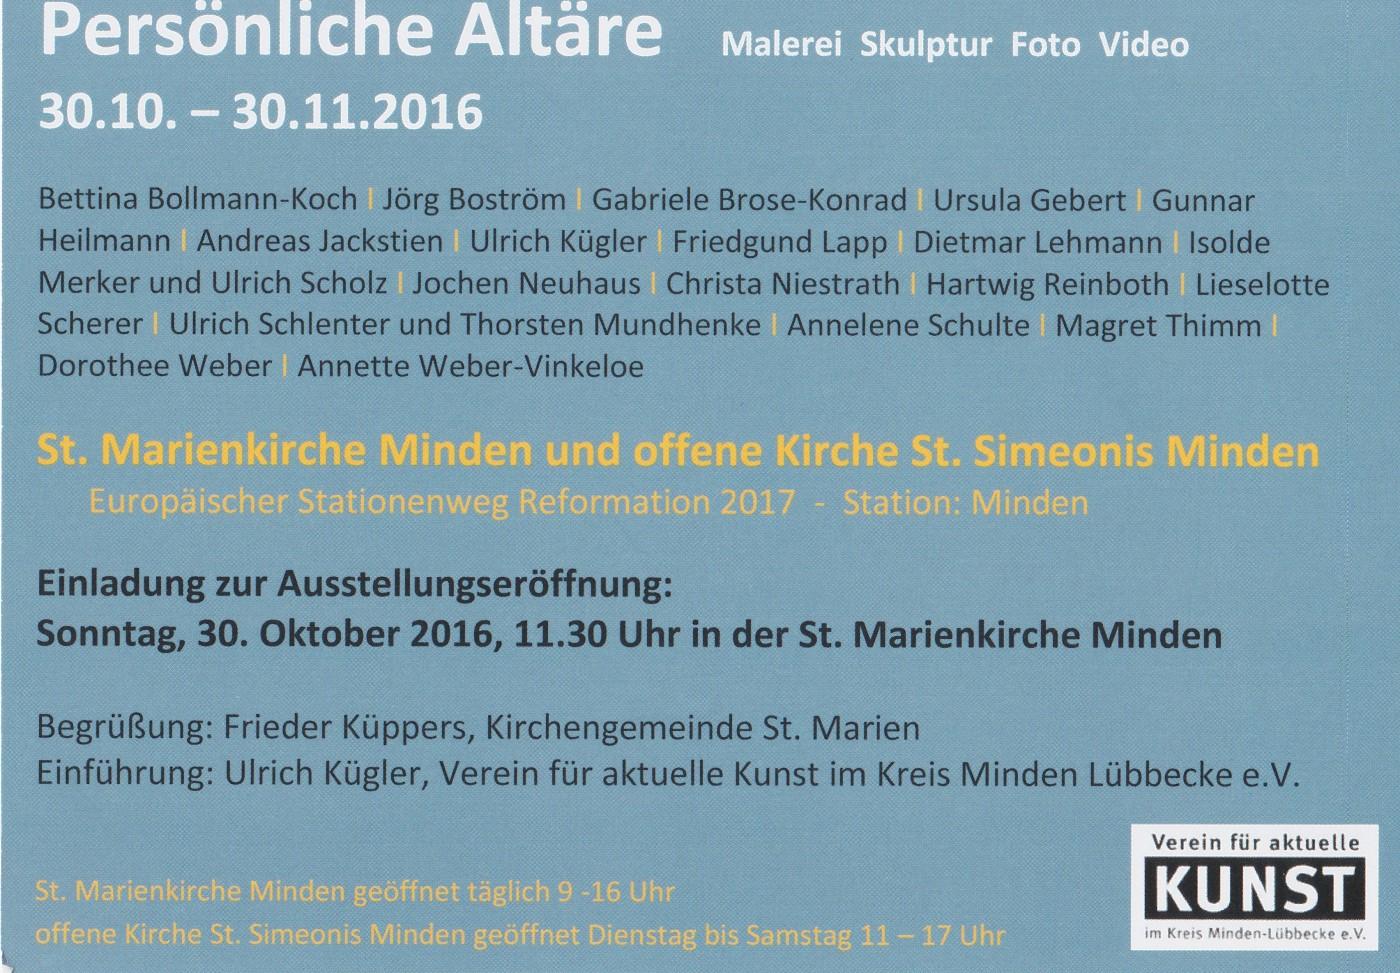 ausstellung-personliche-altare-2-2016-minden